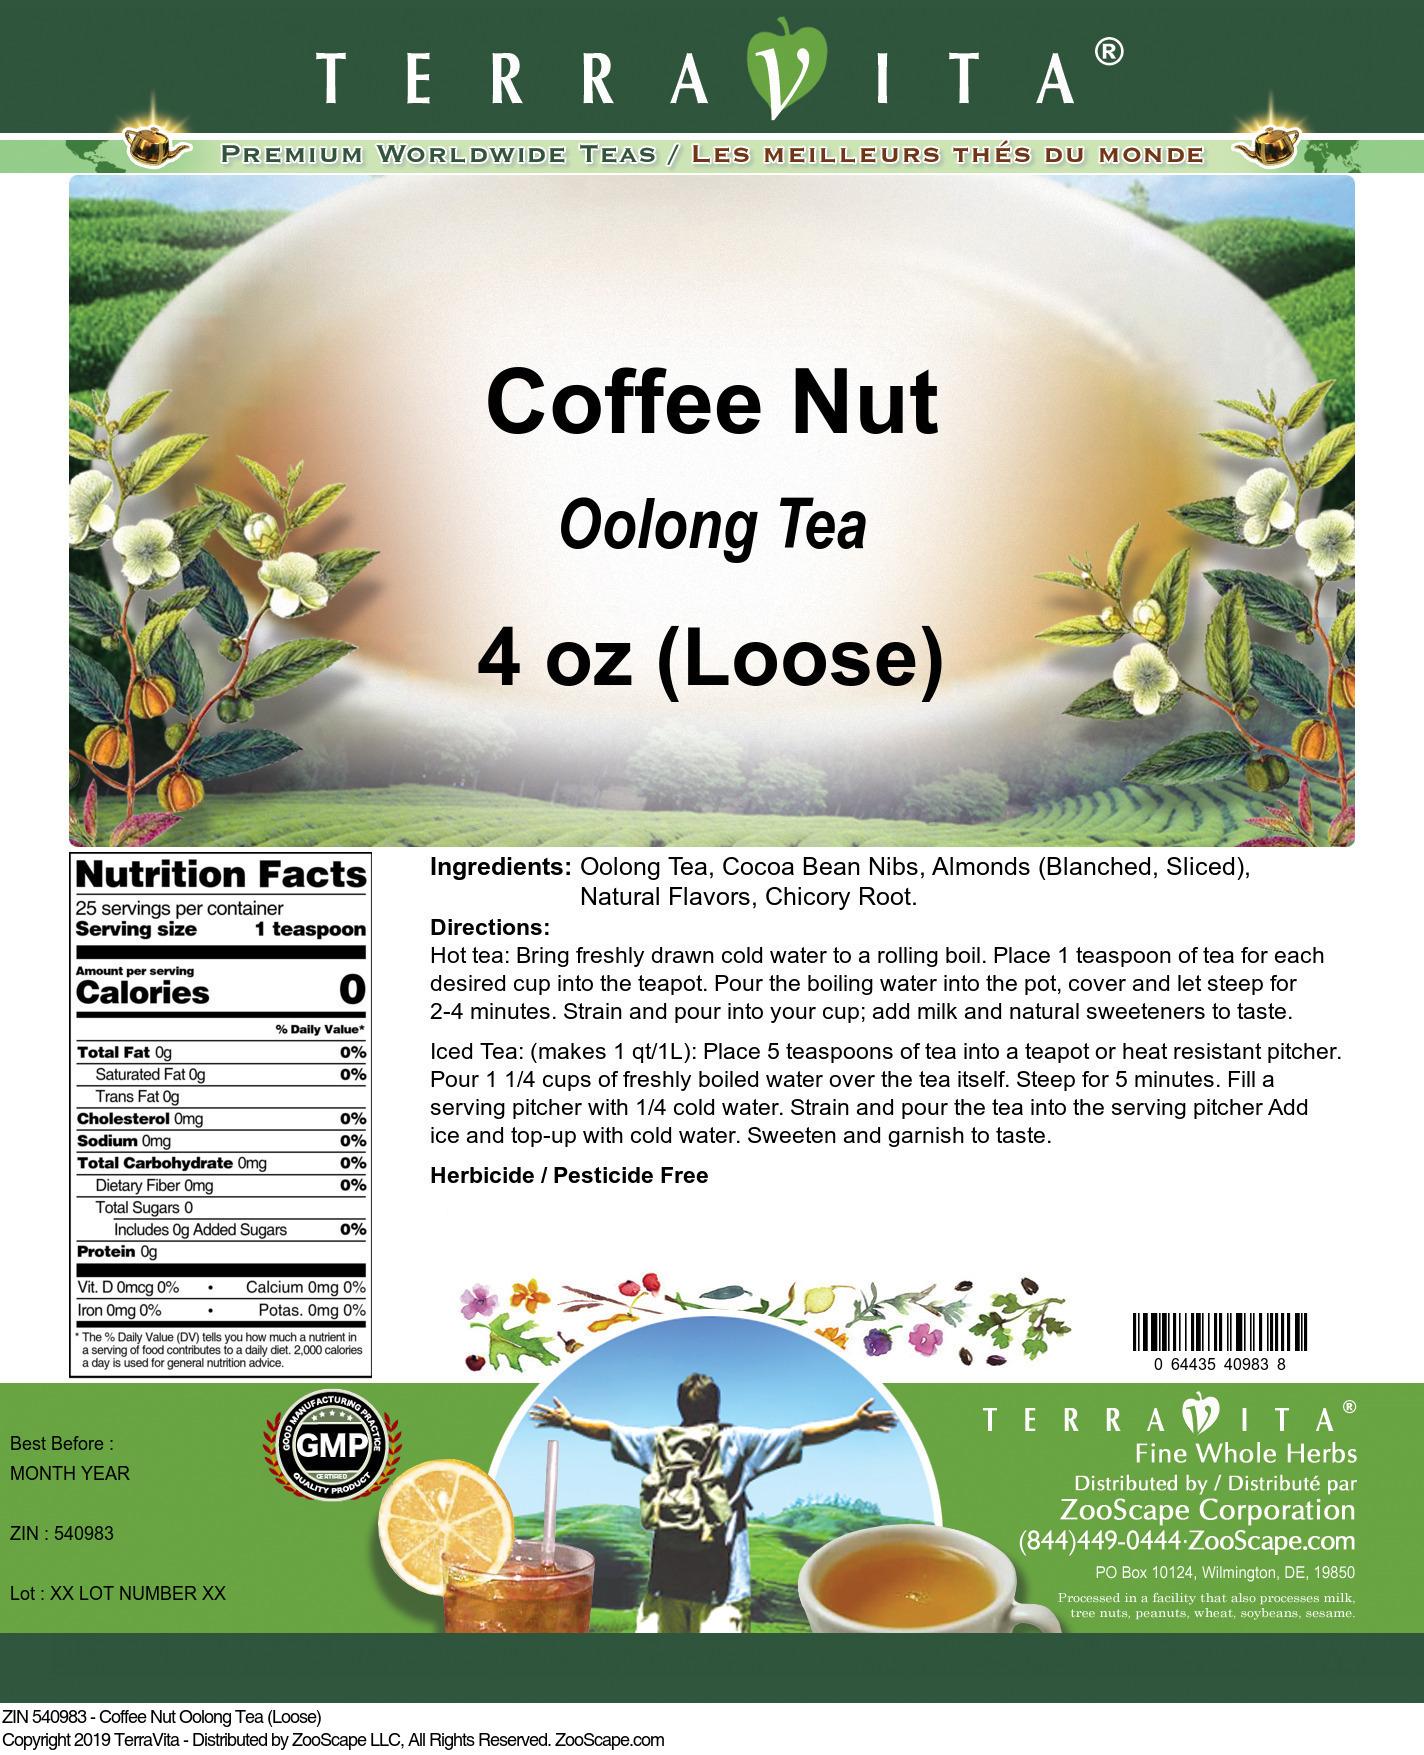 Coffee Nut Oolong Tea (Loose)